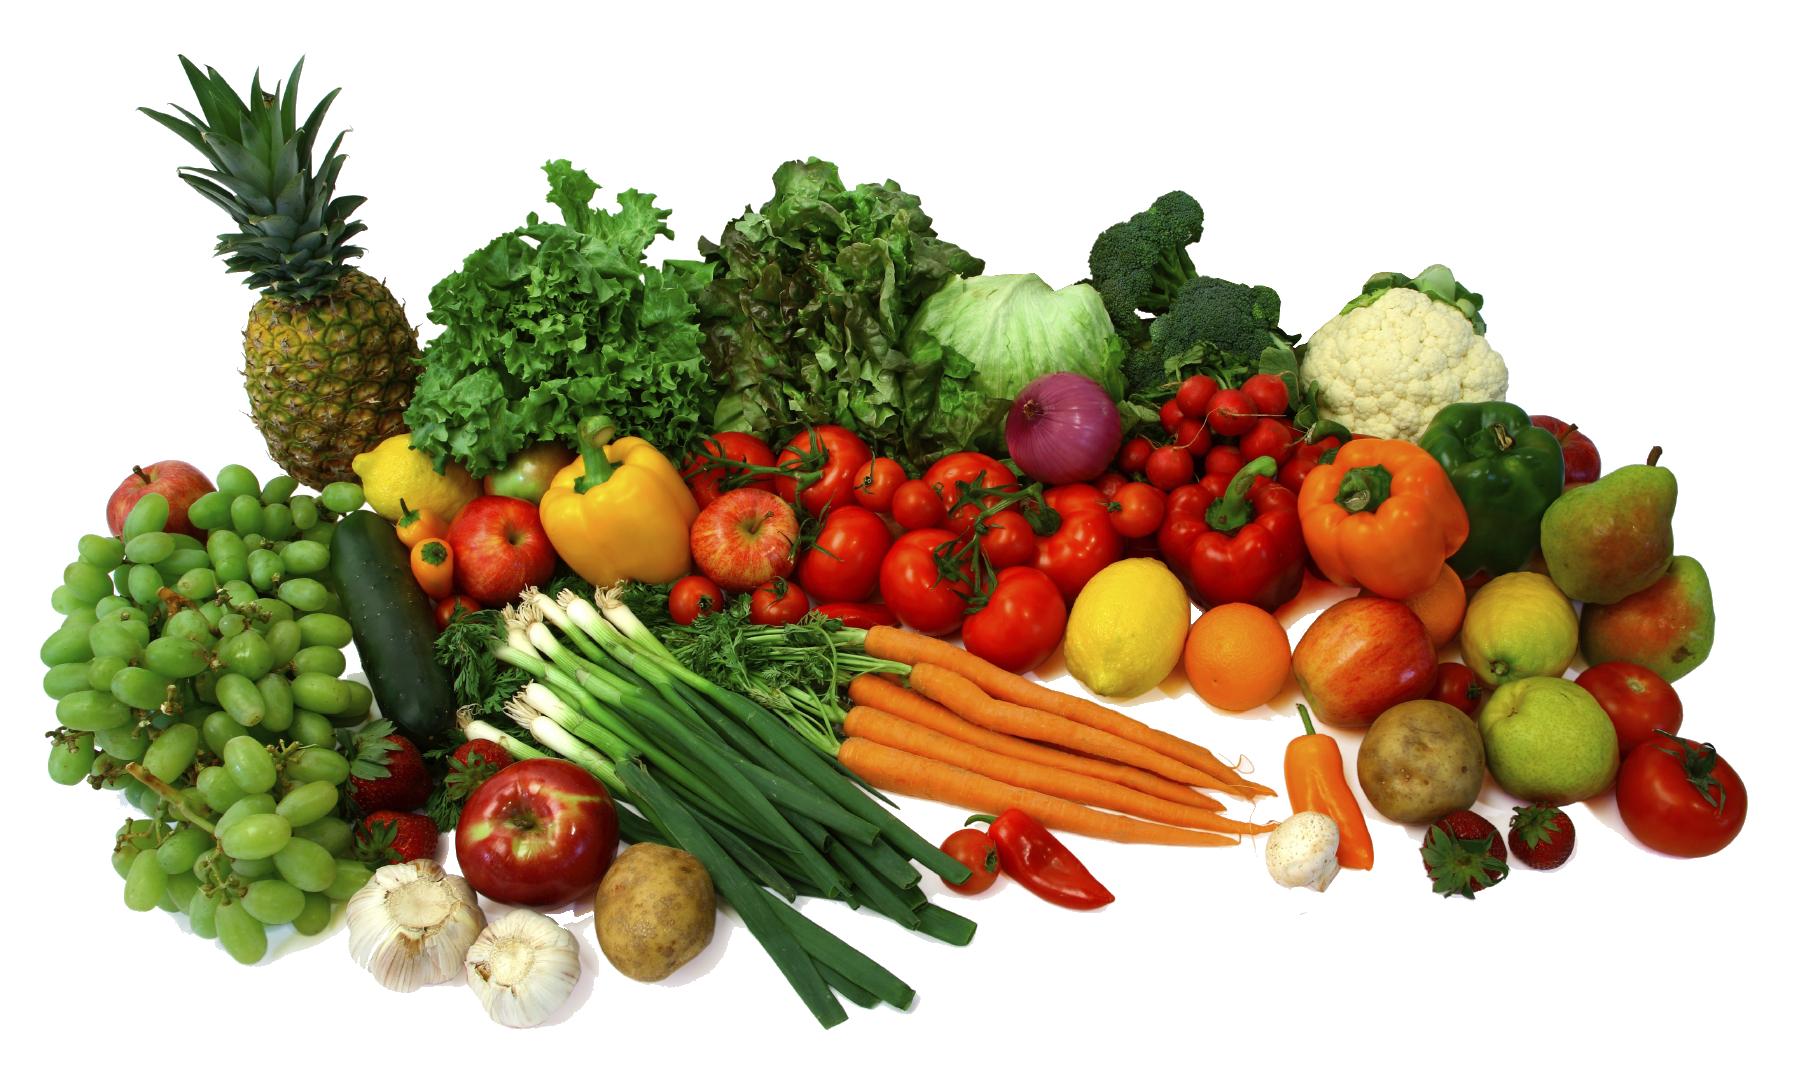 Best Nutritionist Vegetables Healthy Food